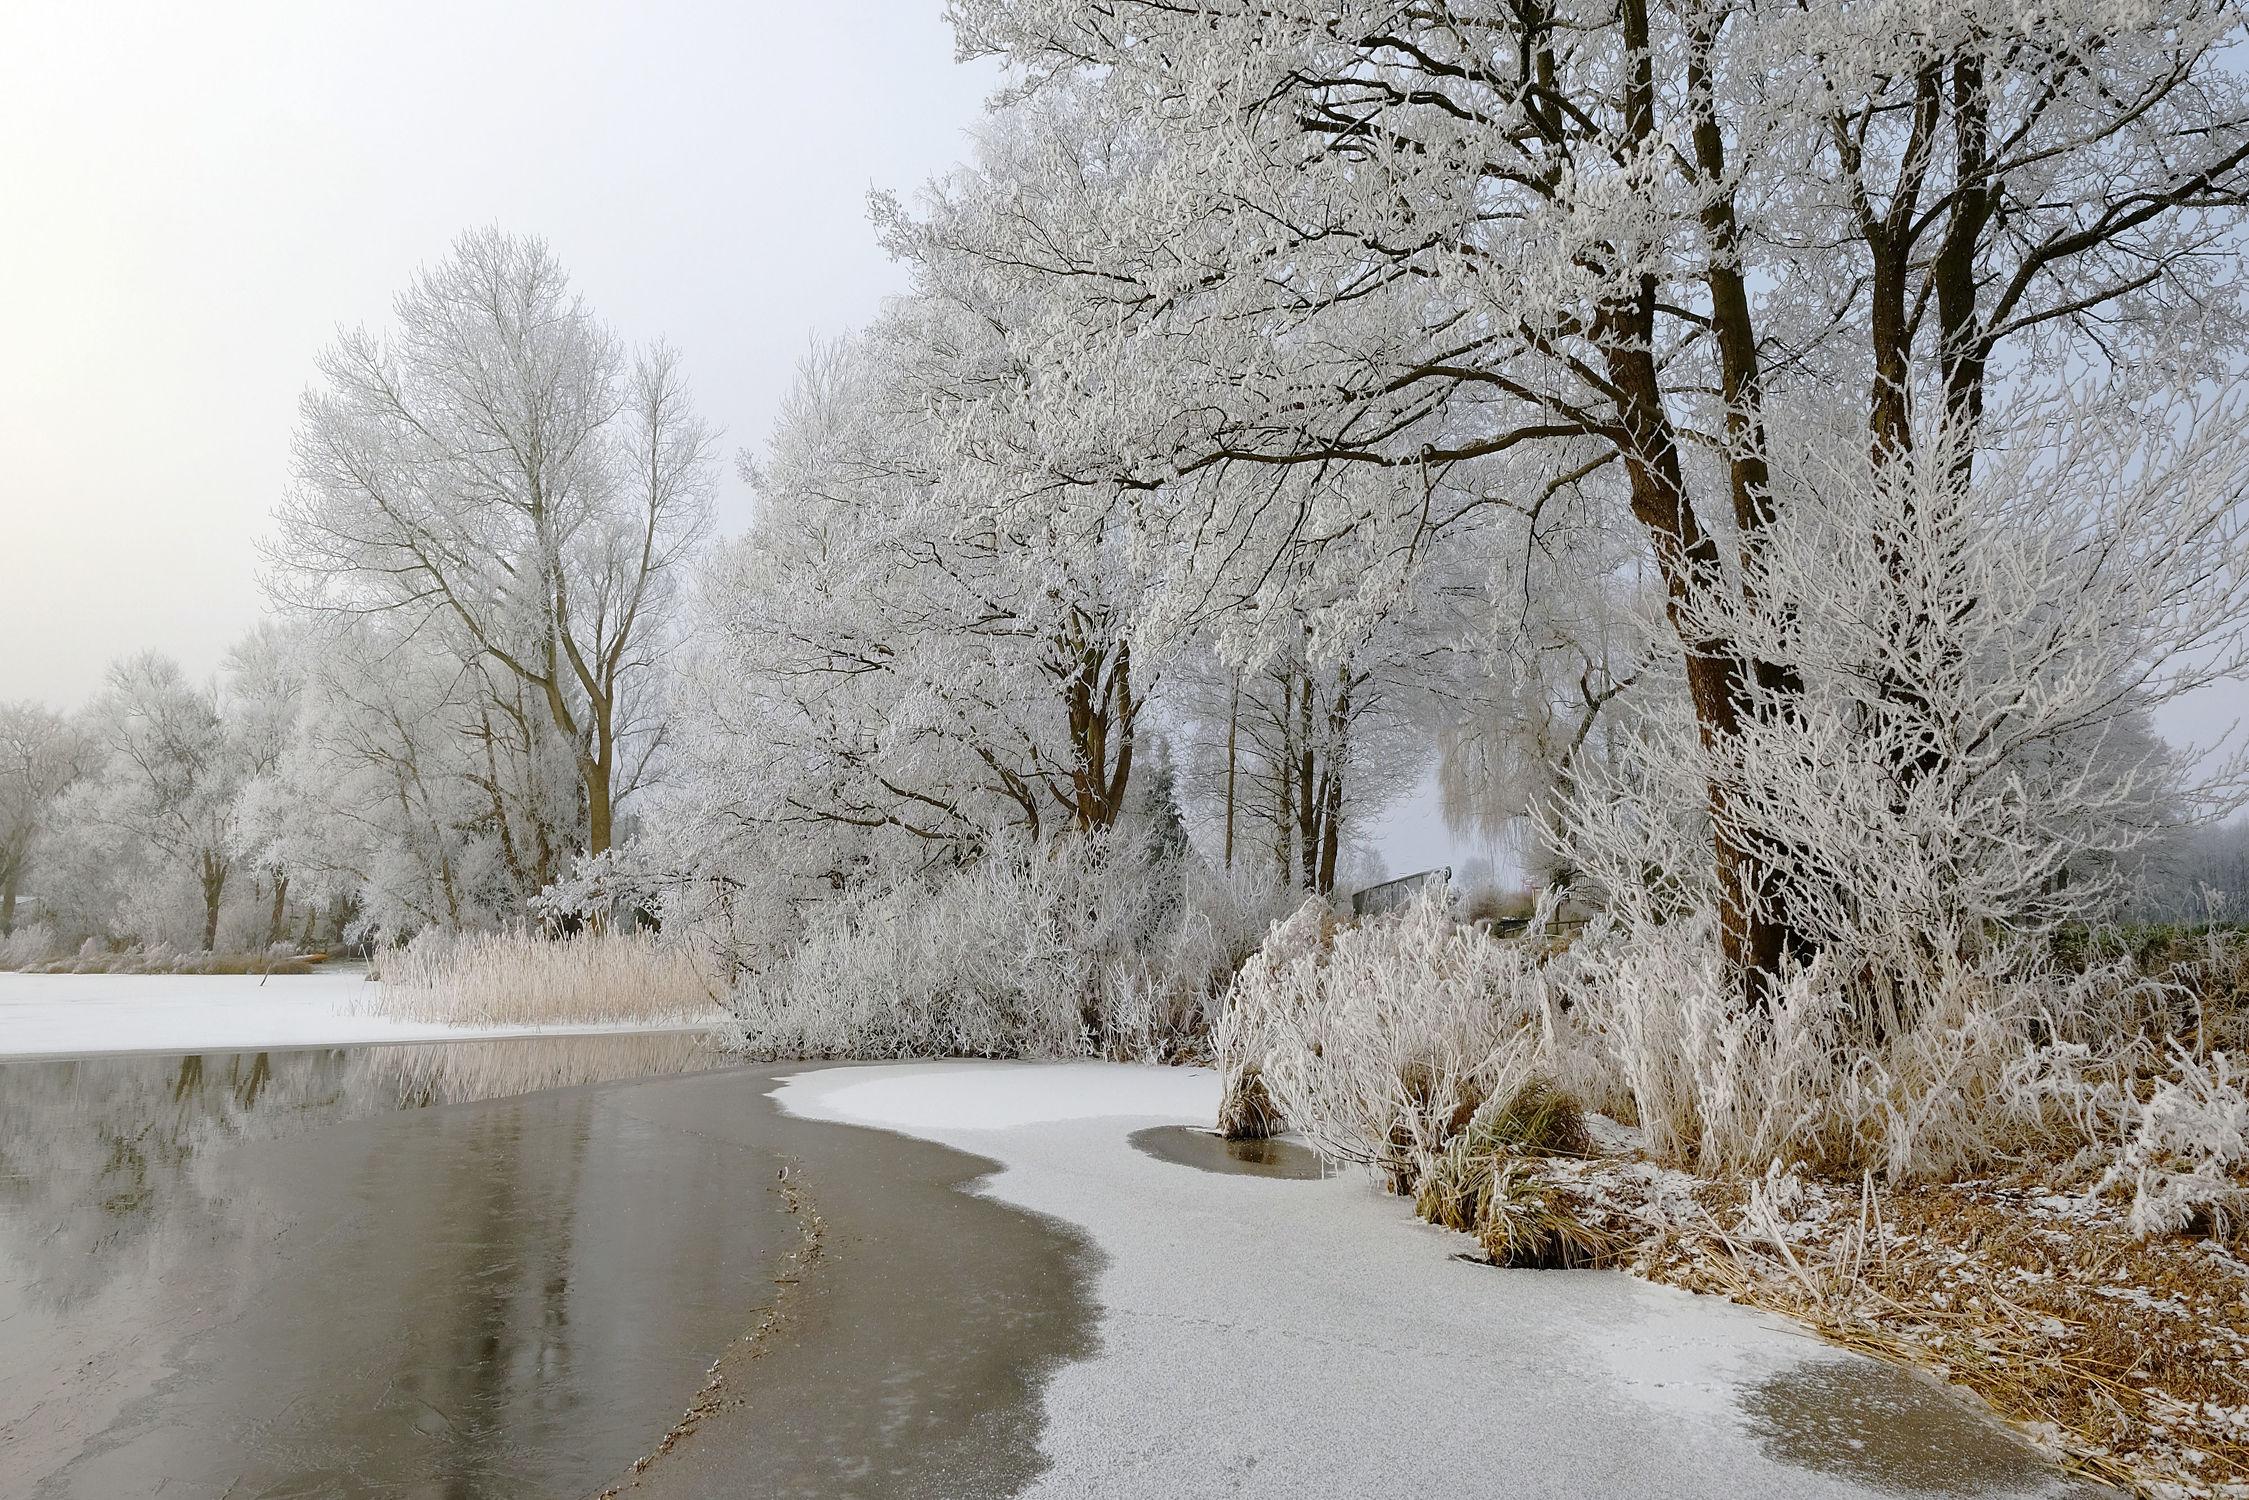 Bild mit Schnee, Eis, Gewässer, Seen, Sonne, Winterzeit, Sonnenlicht, Ufer, Raureif